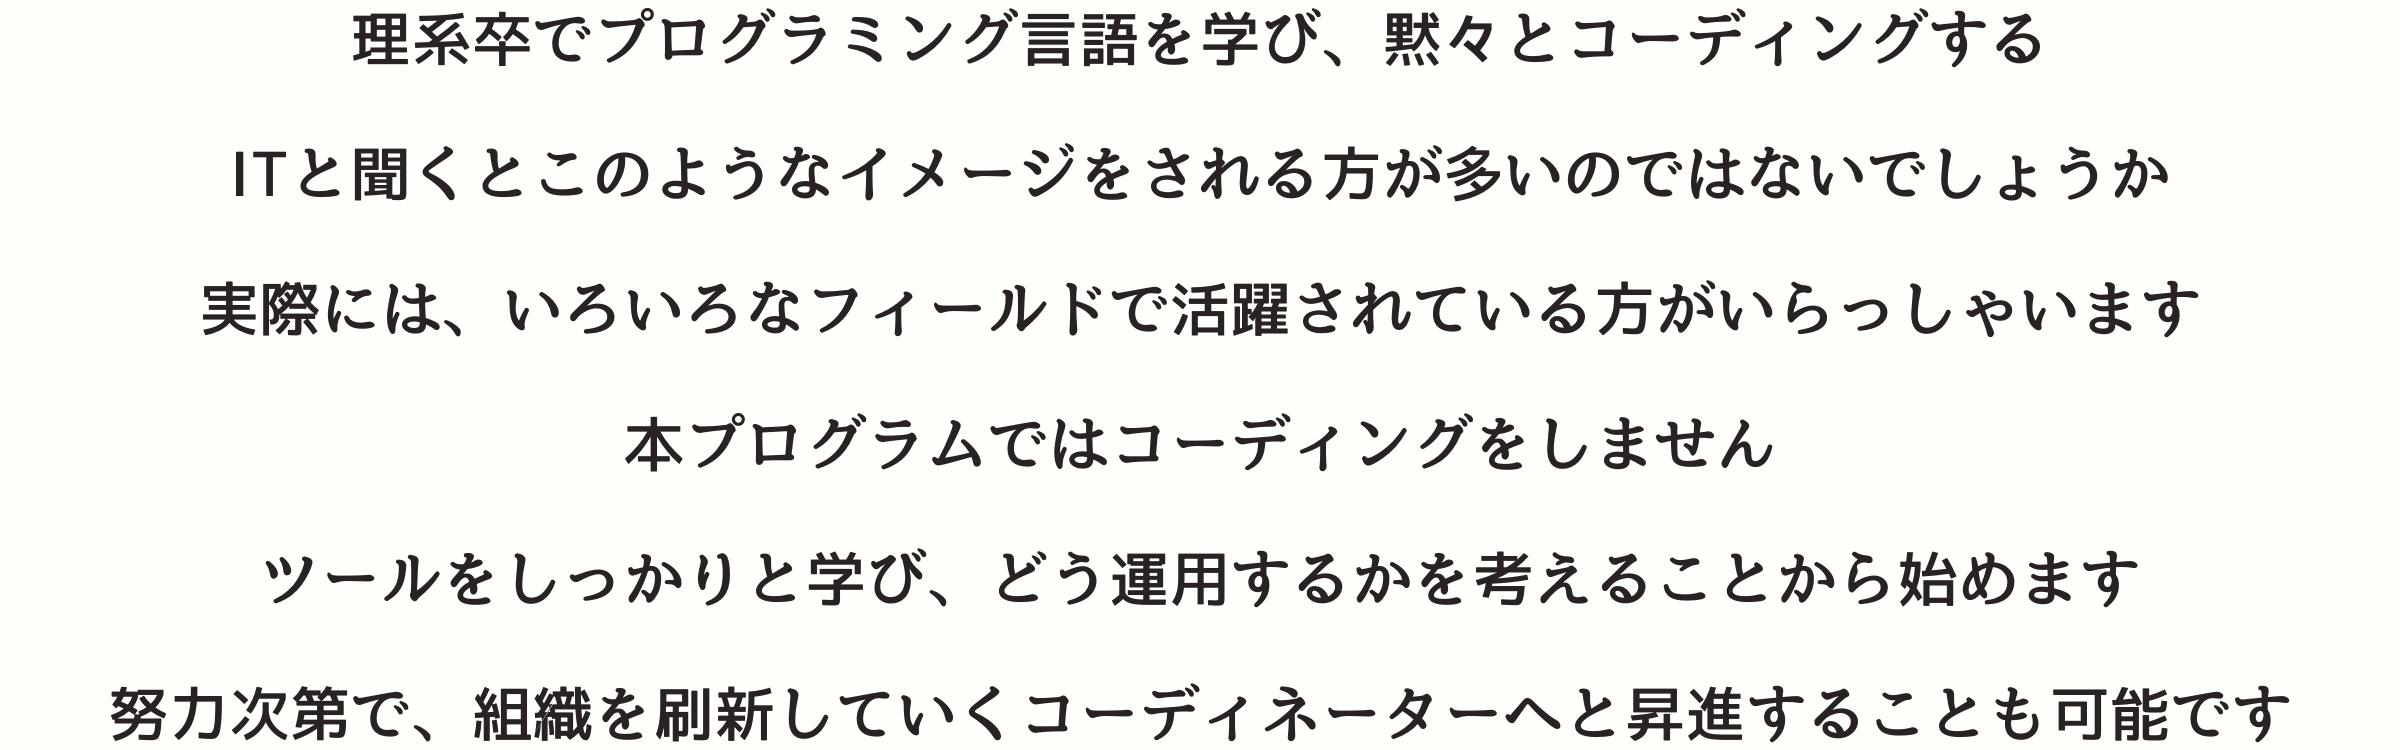 CSP intro1